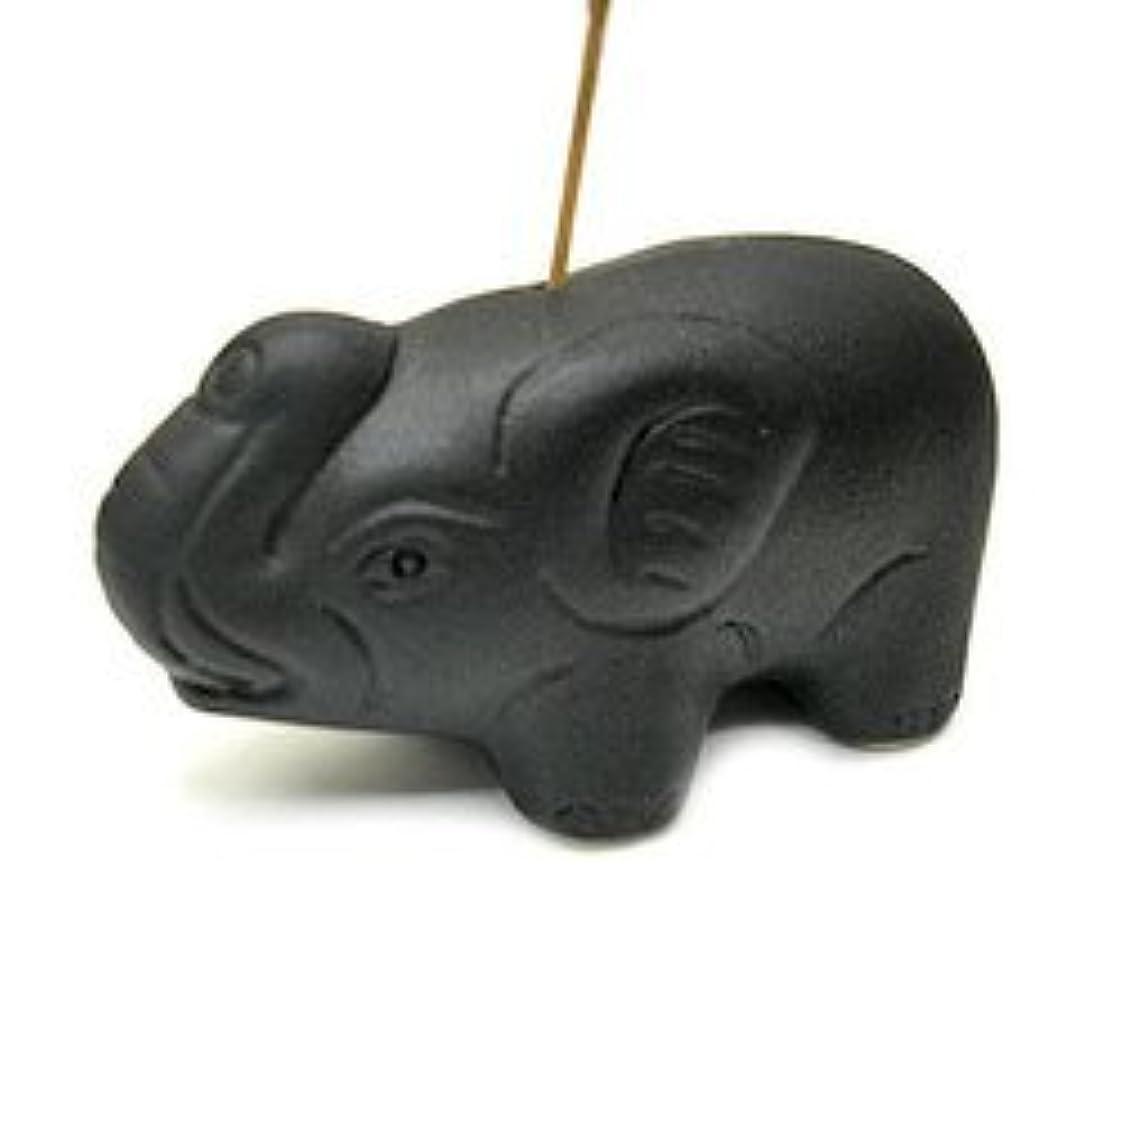 レスリングマート容疑者象さんのお香立て <黒> インセンスホルダー/スティックタイプ用お香立て?お香たて アジアン雑貨